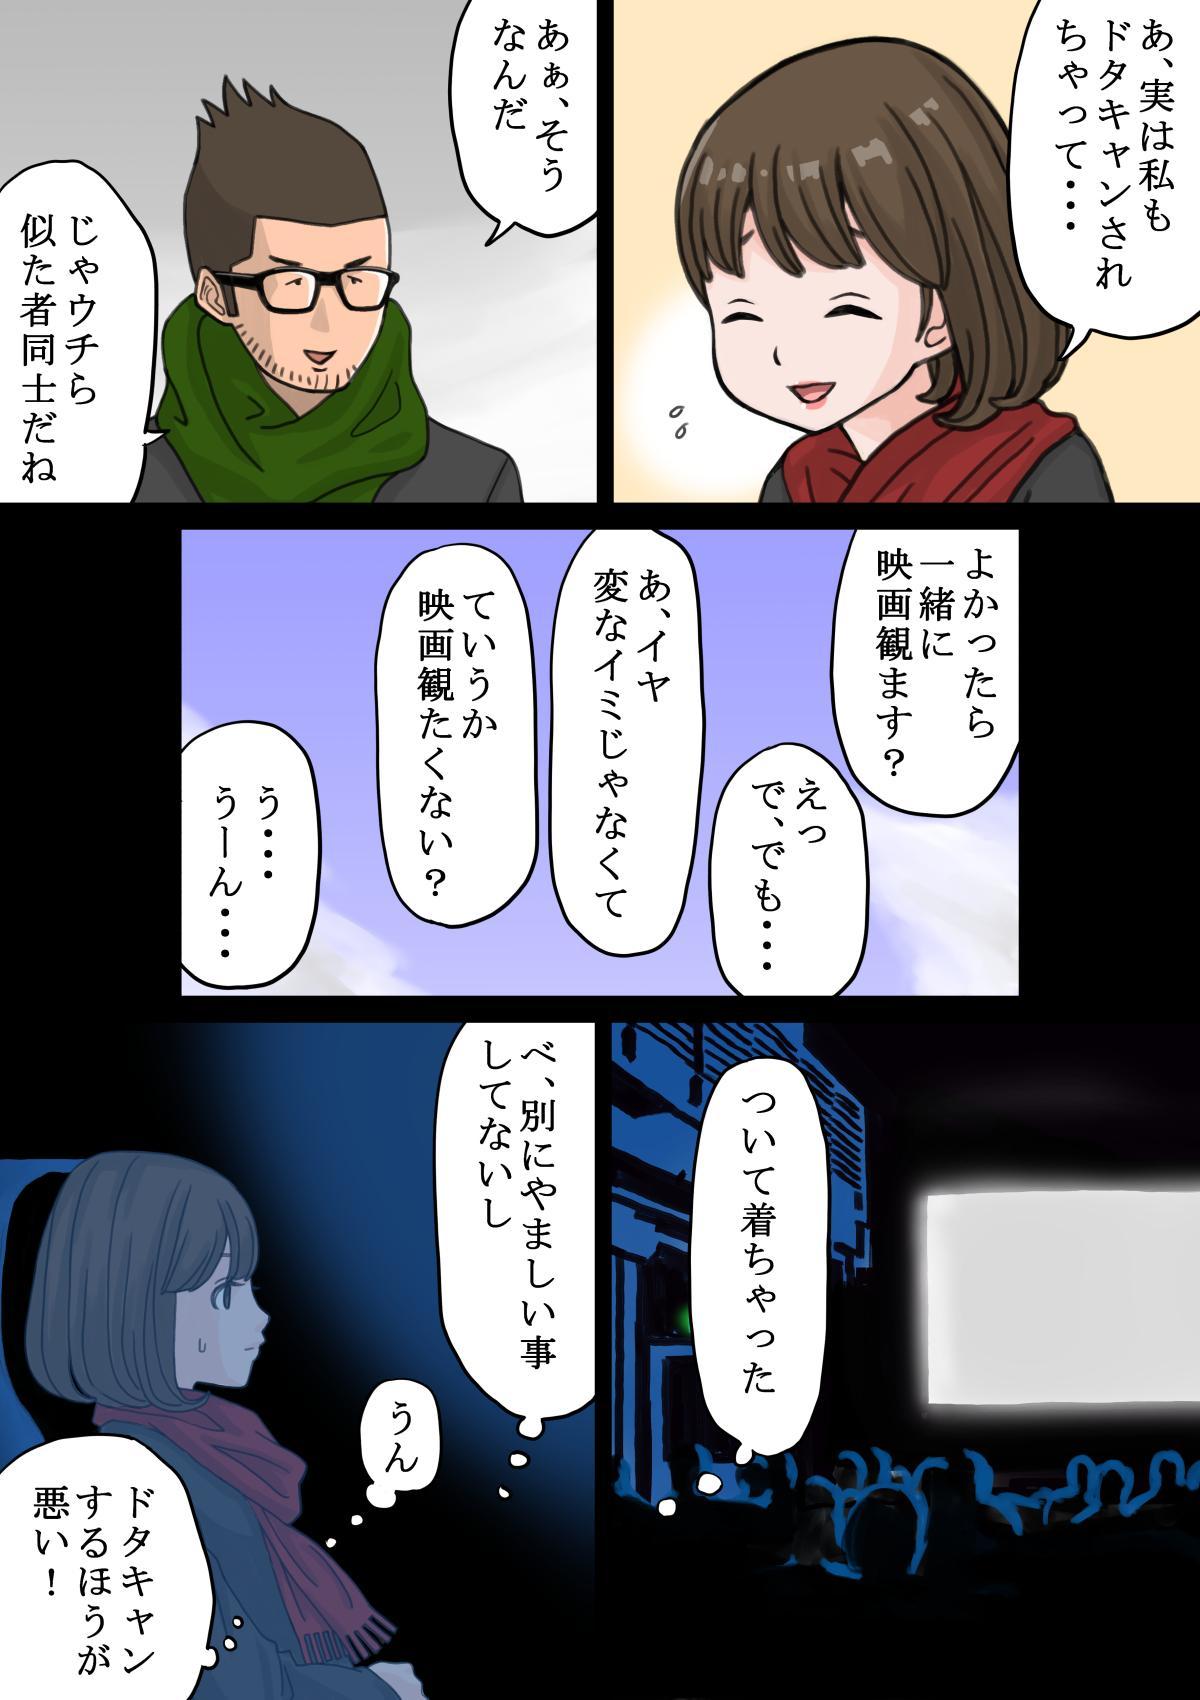 Beit Saki no Charai Kouhai ni Kanojo o Netorareta Hanashi 8